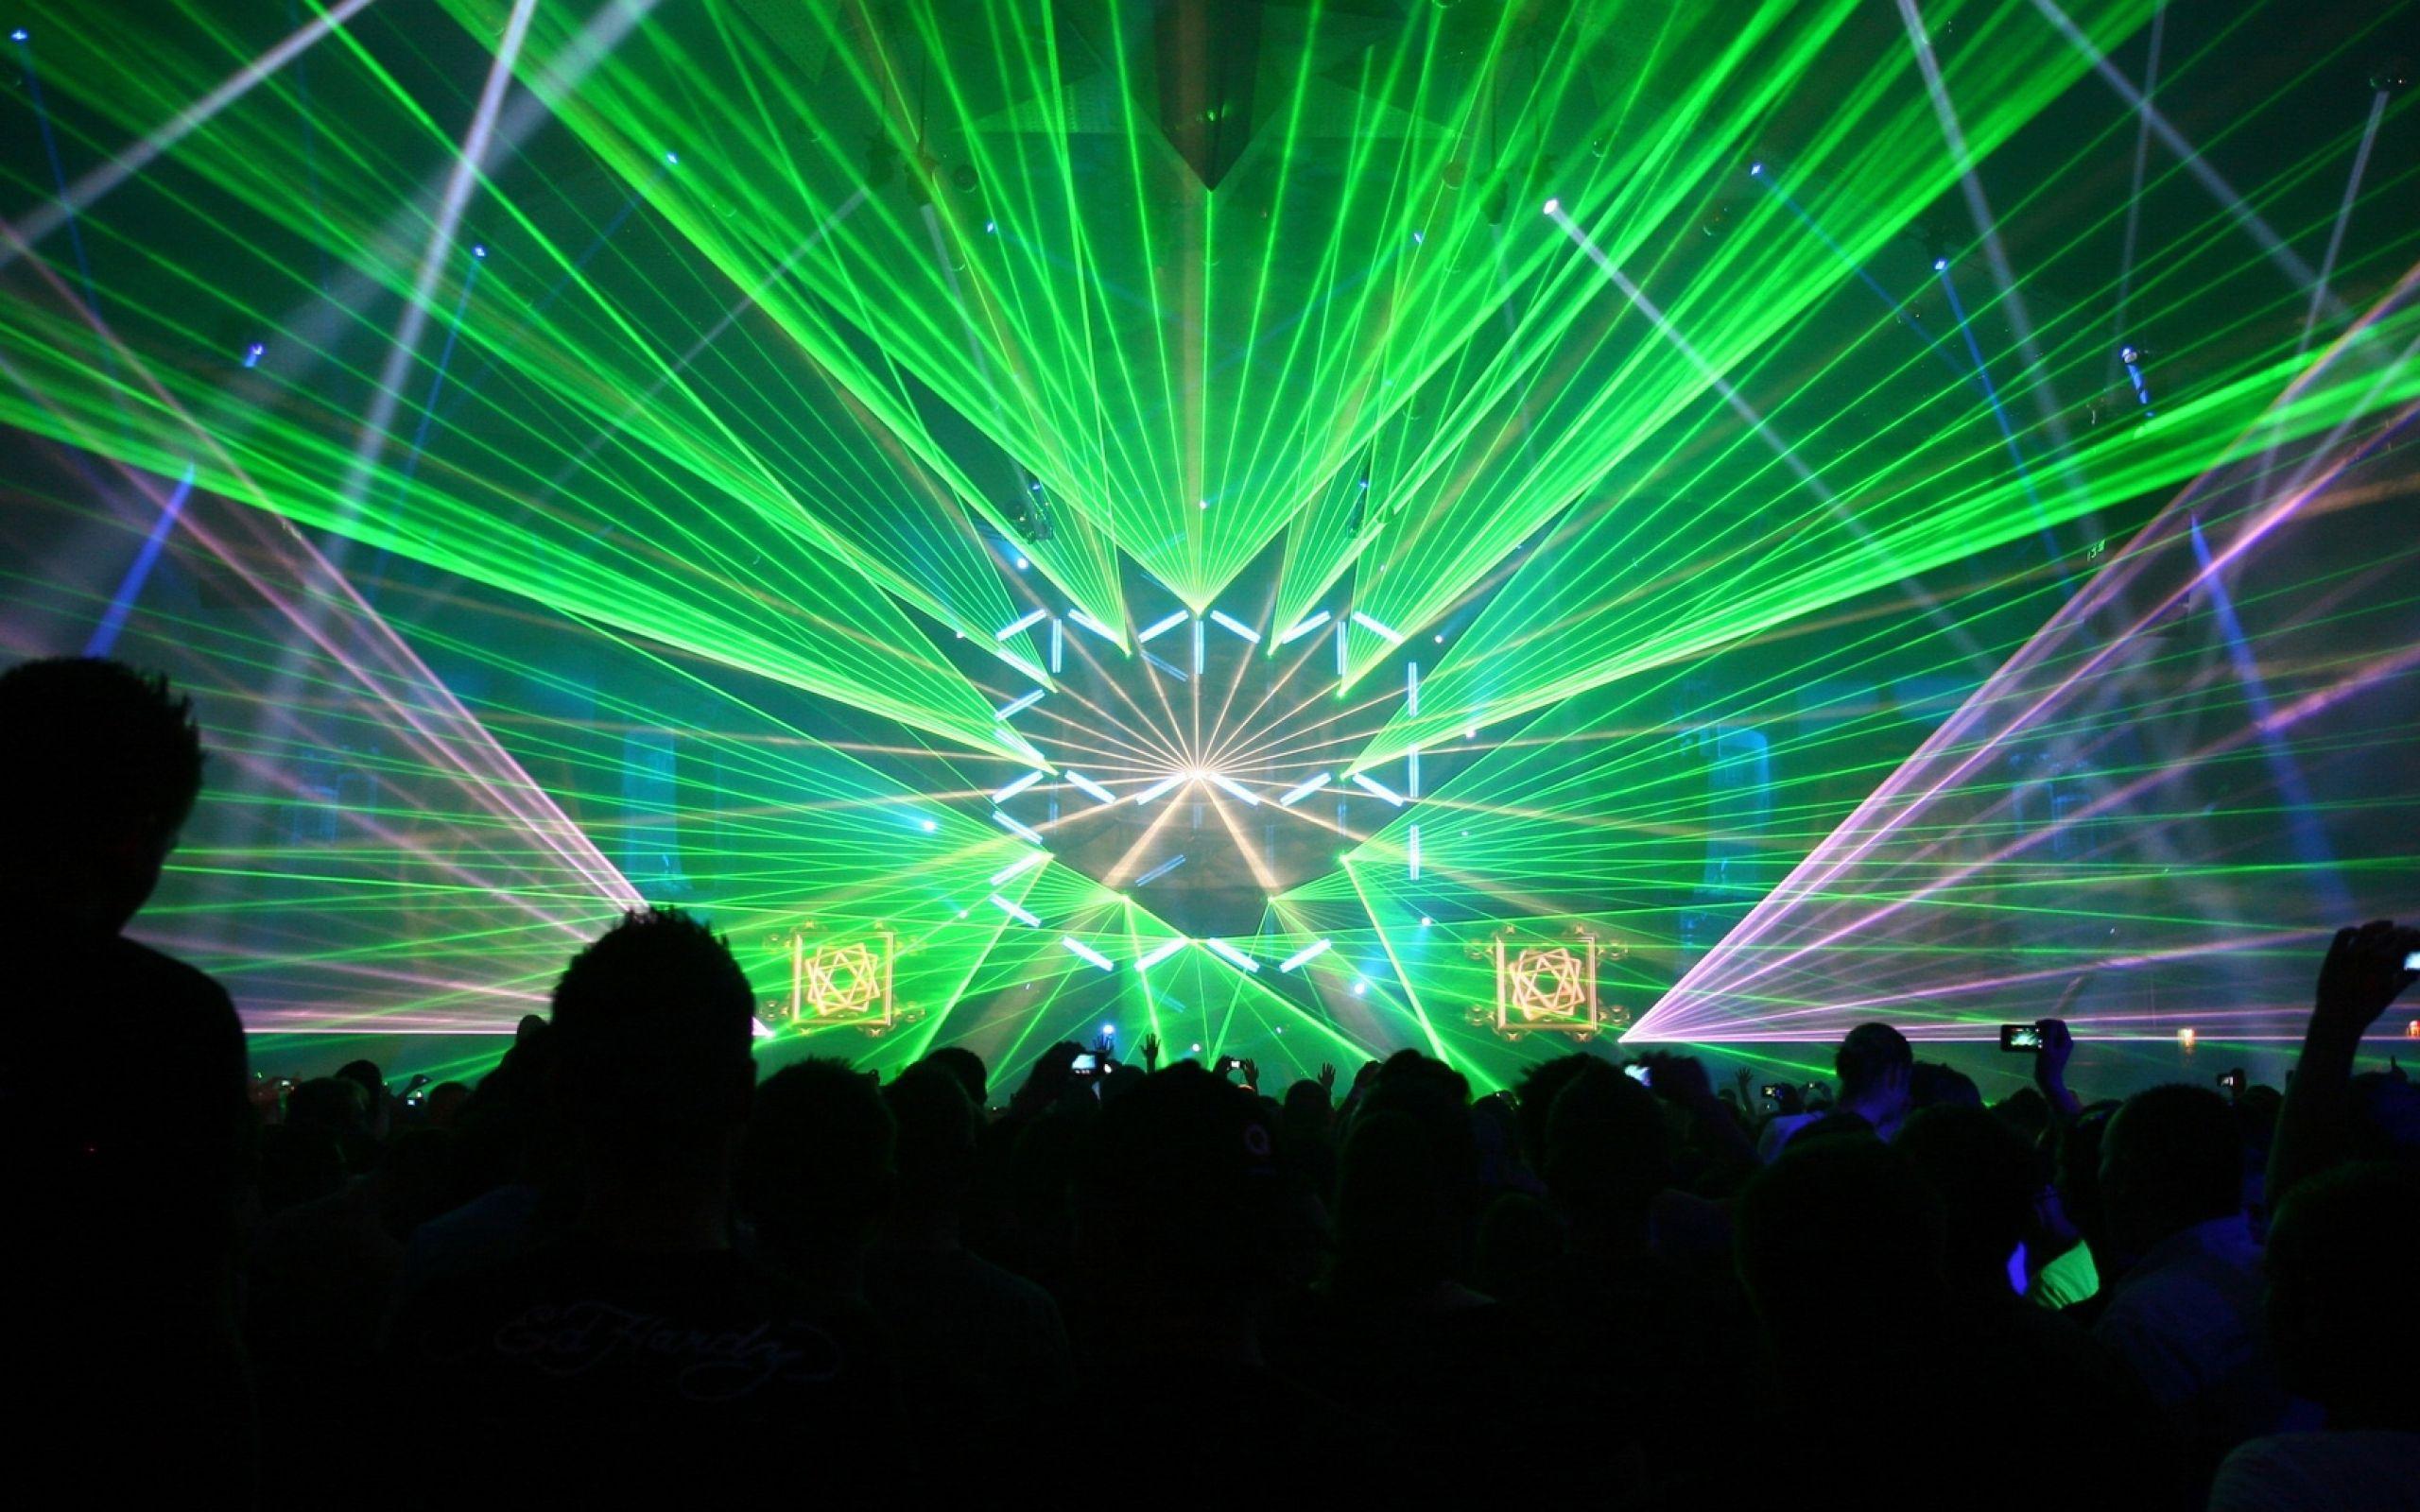 Rave Laser Lights Wallpaper Inspiration Concert Lighting